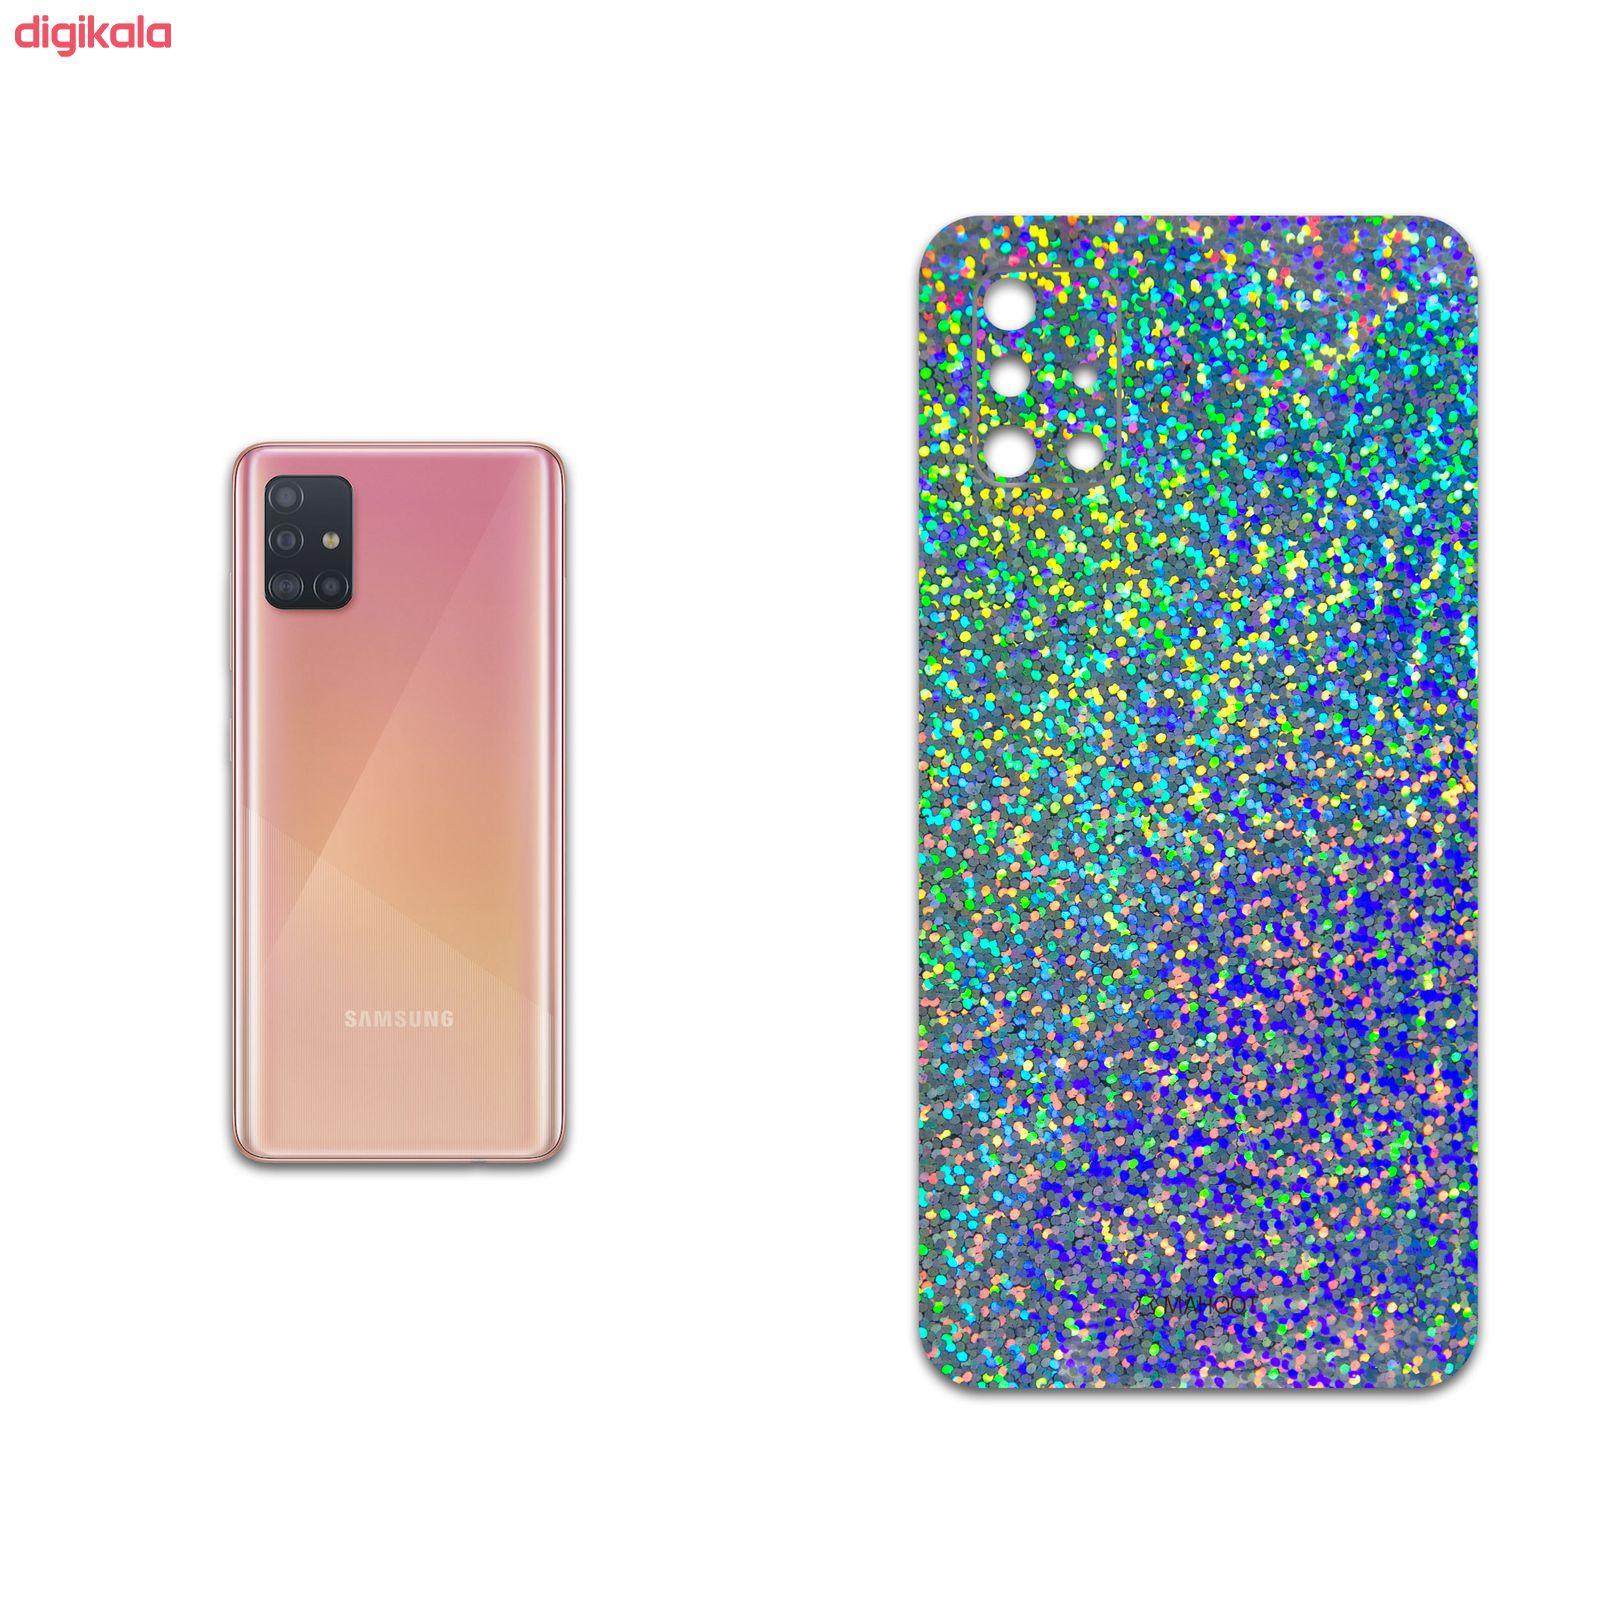 برچسب پوششی ماهوت مدل Holographic مناسب برای گوشی موبایل سامسونگ Galaxy A51